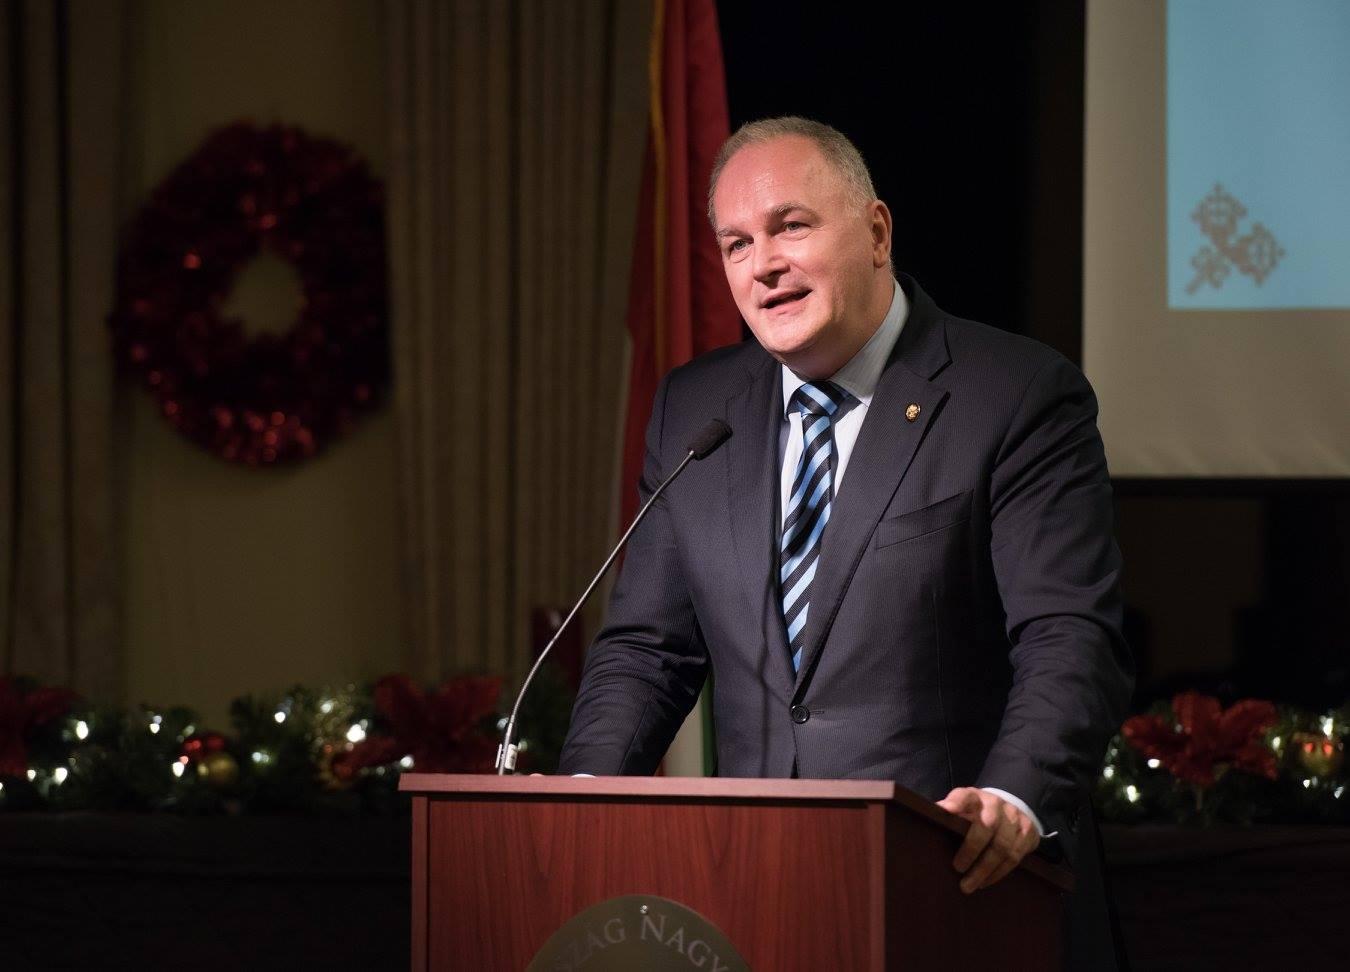 Ambassador Dr. László Szabó delivering his keynote remarks